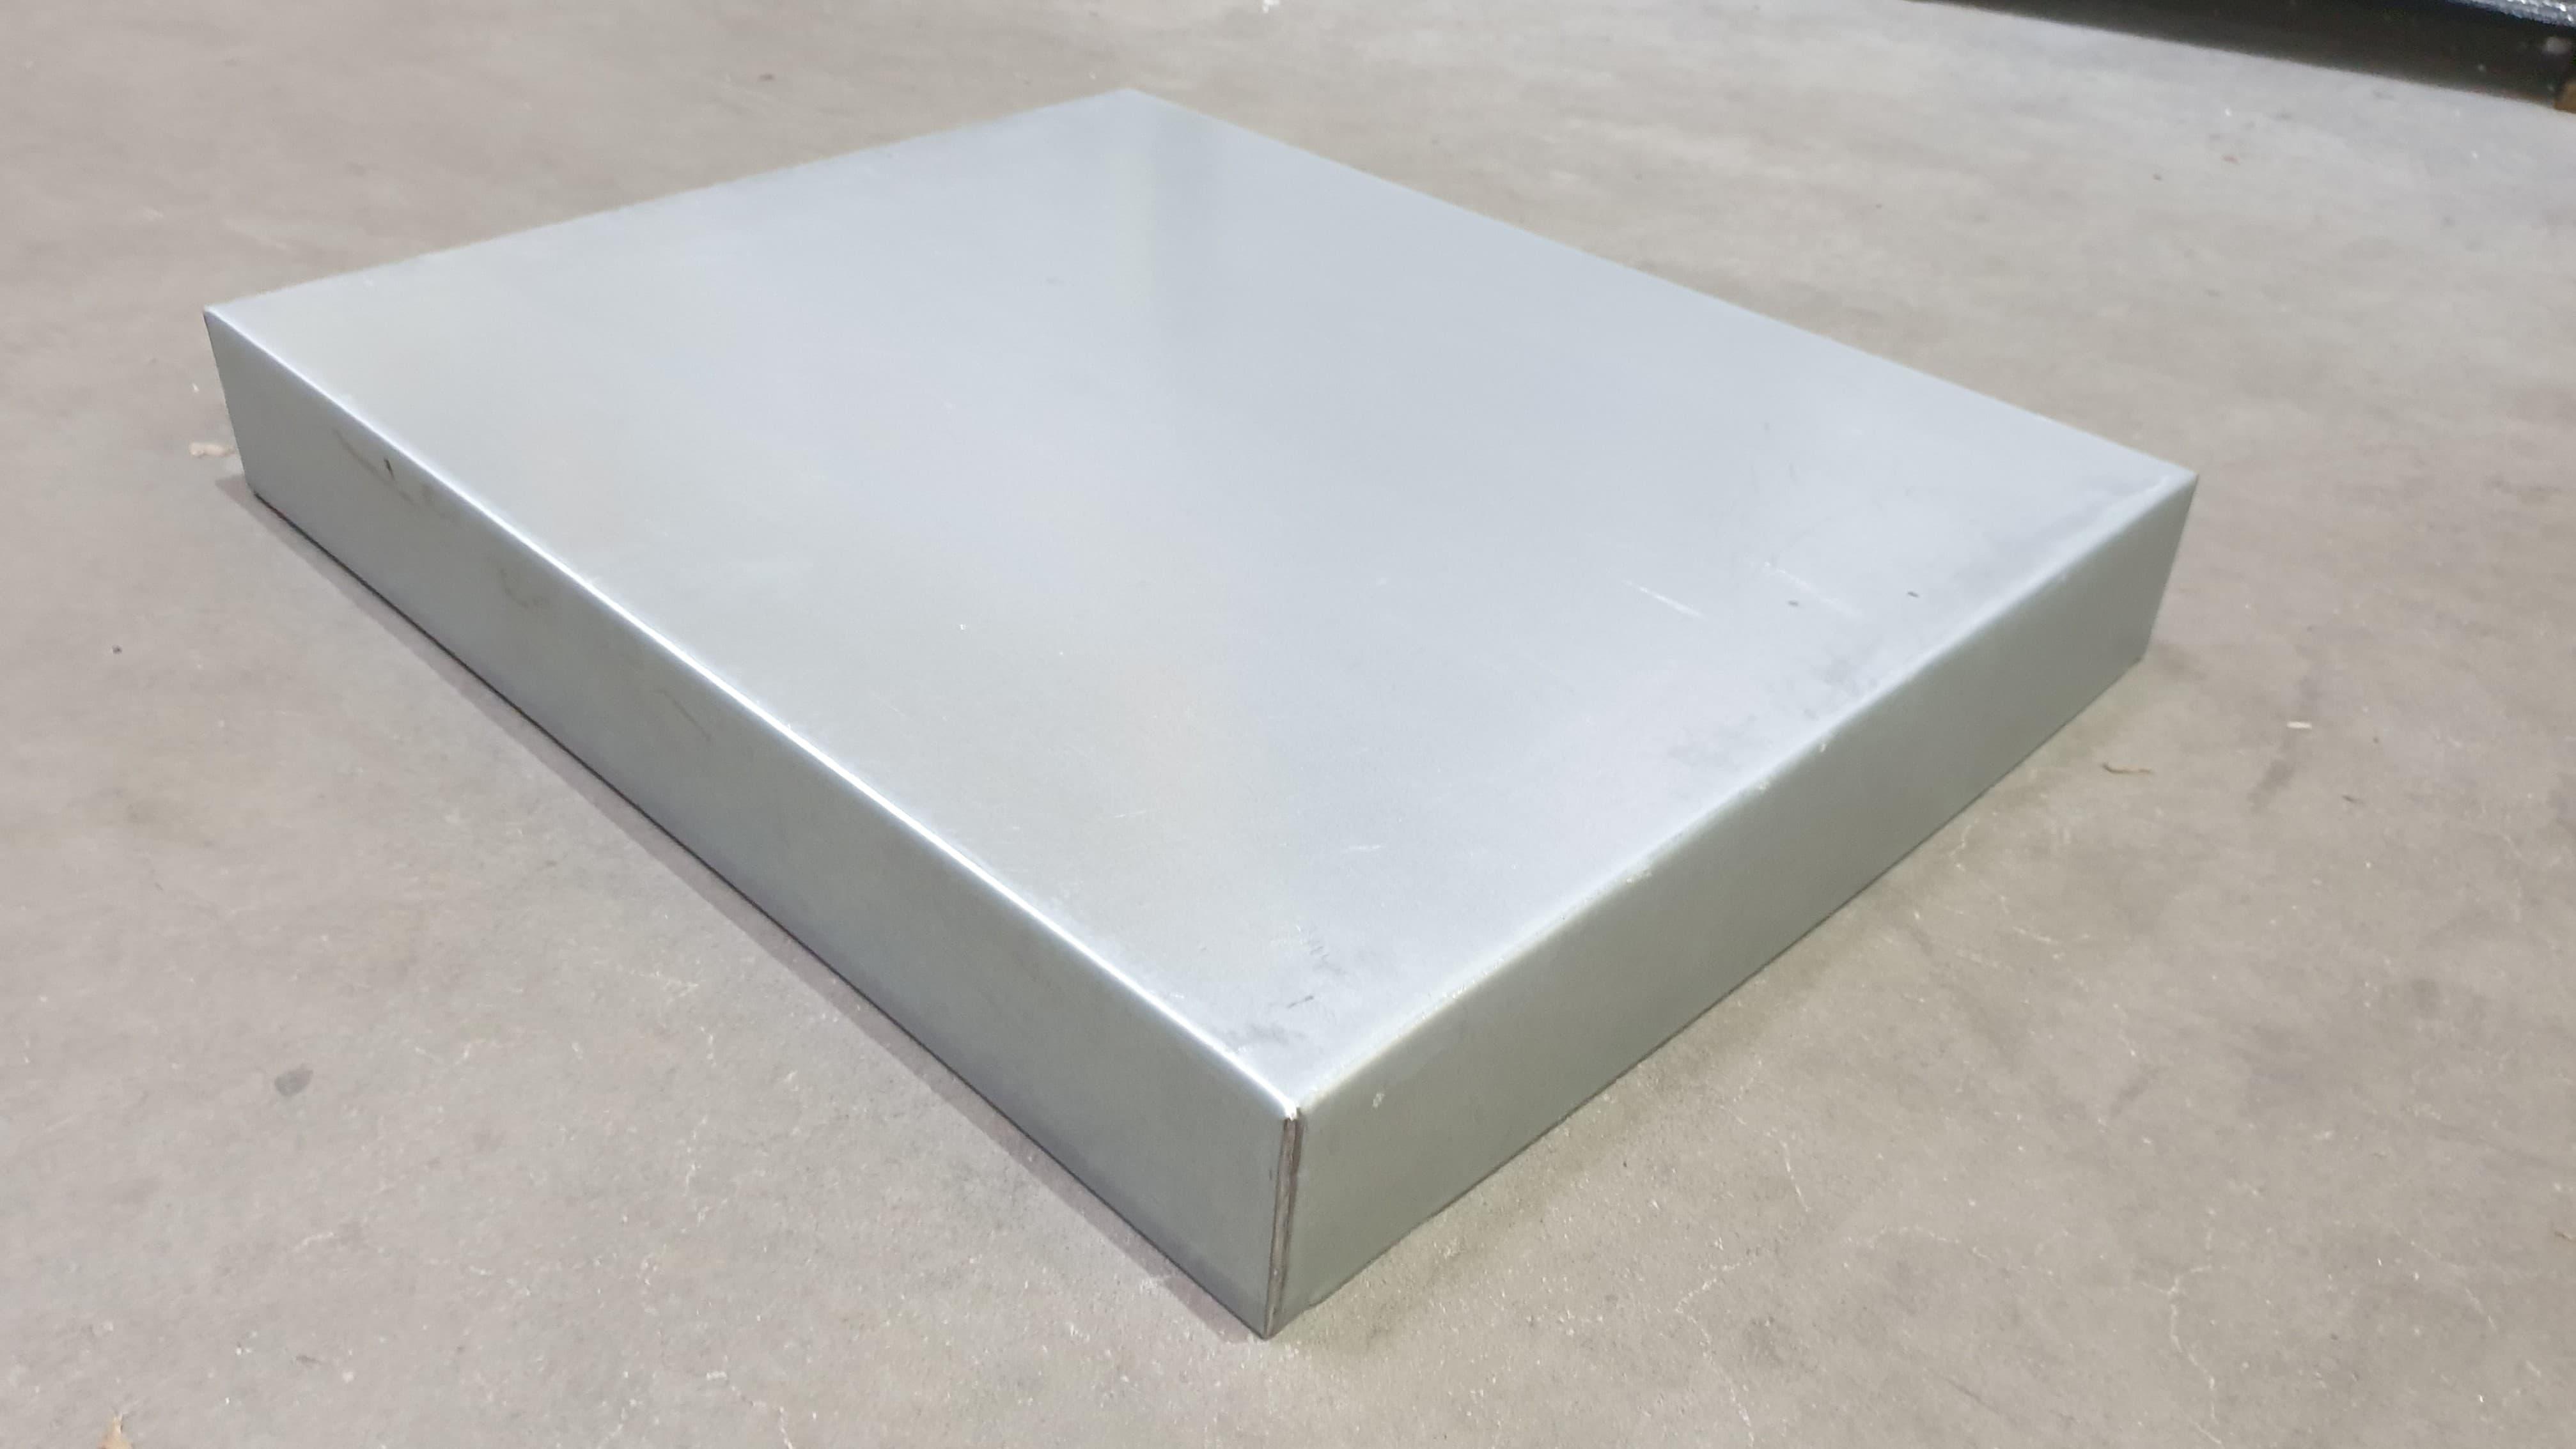 Blechdeckel verzinkt rechtwinklig, Innenmaß 530 x 430 x 63 mm für Liebigbeute Zander